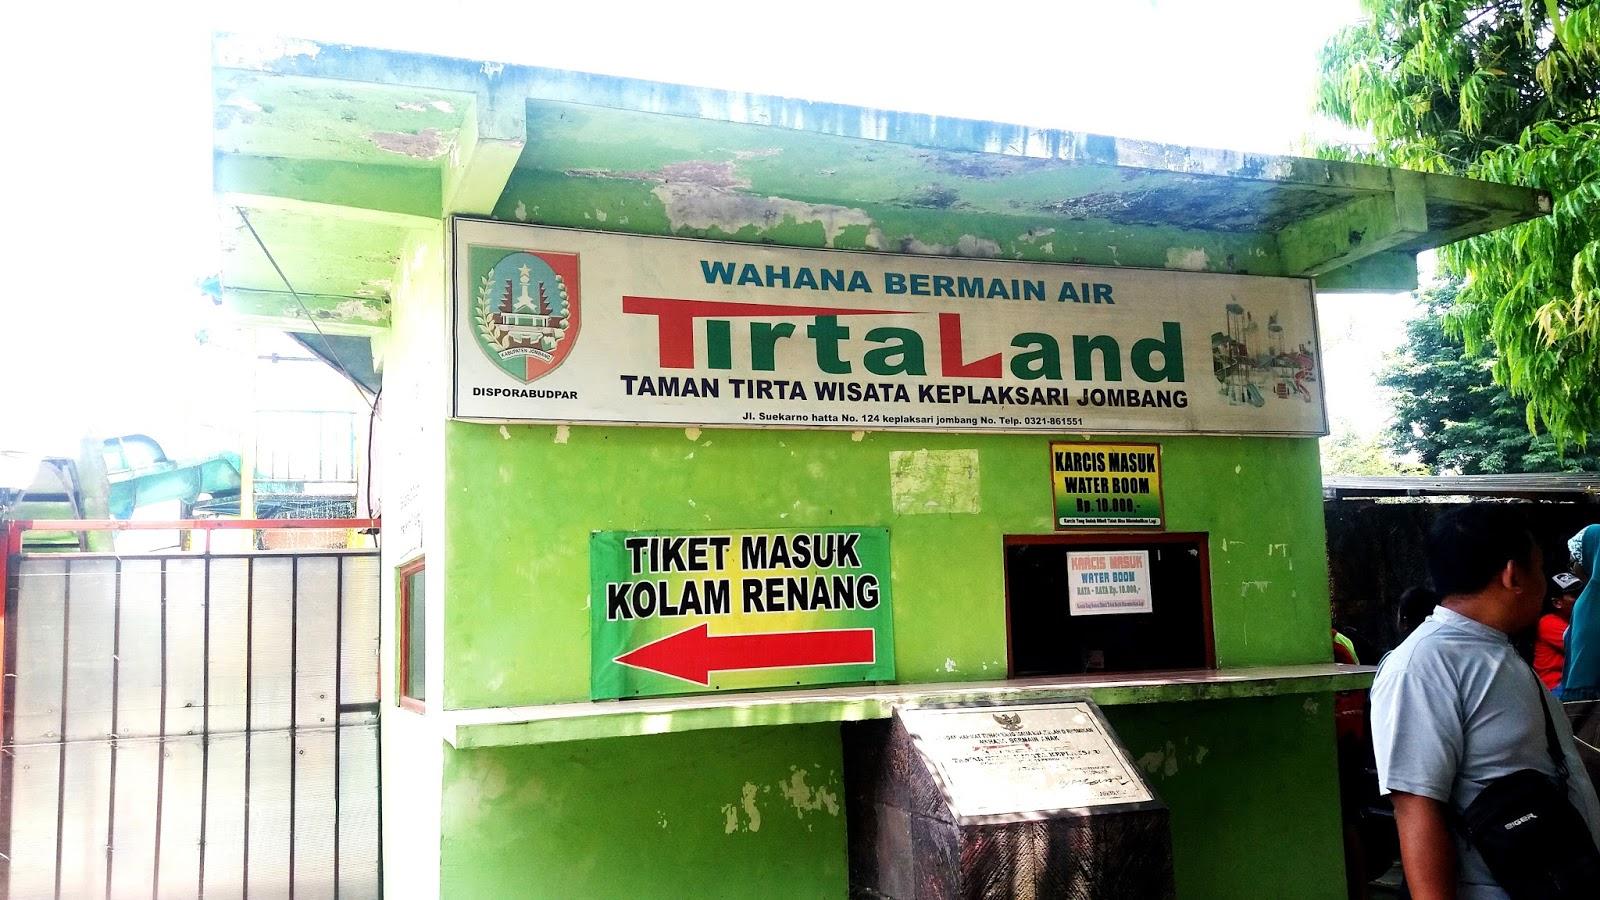 Wisata Keluarga Jombang Wahana Bermain Air Tirtaland Loket Tiket Masuk